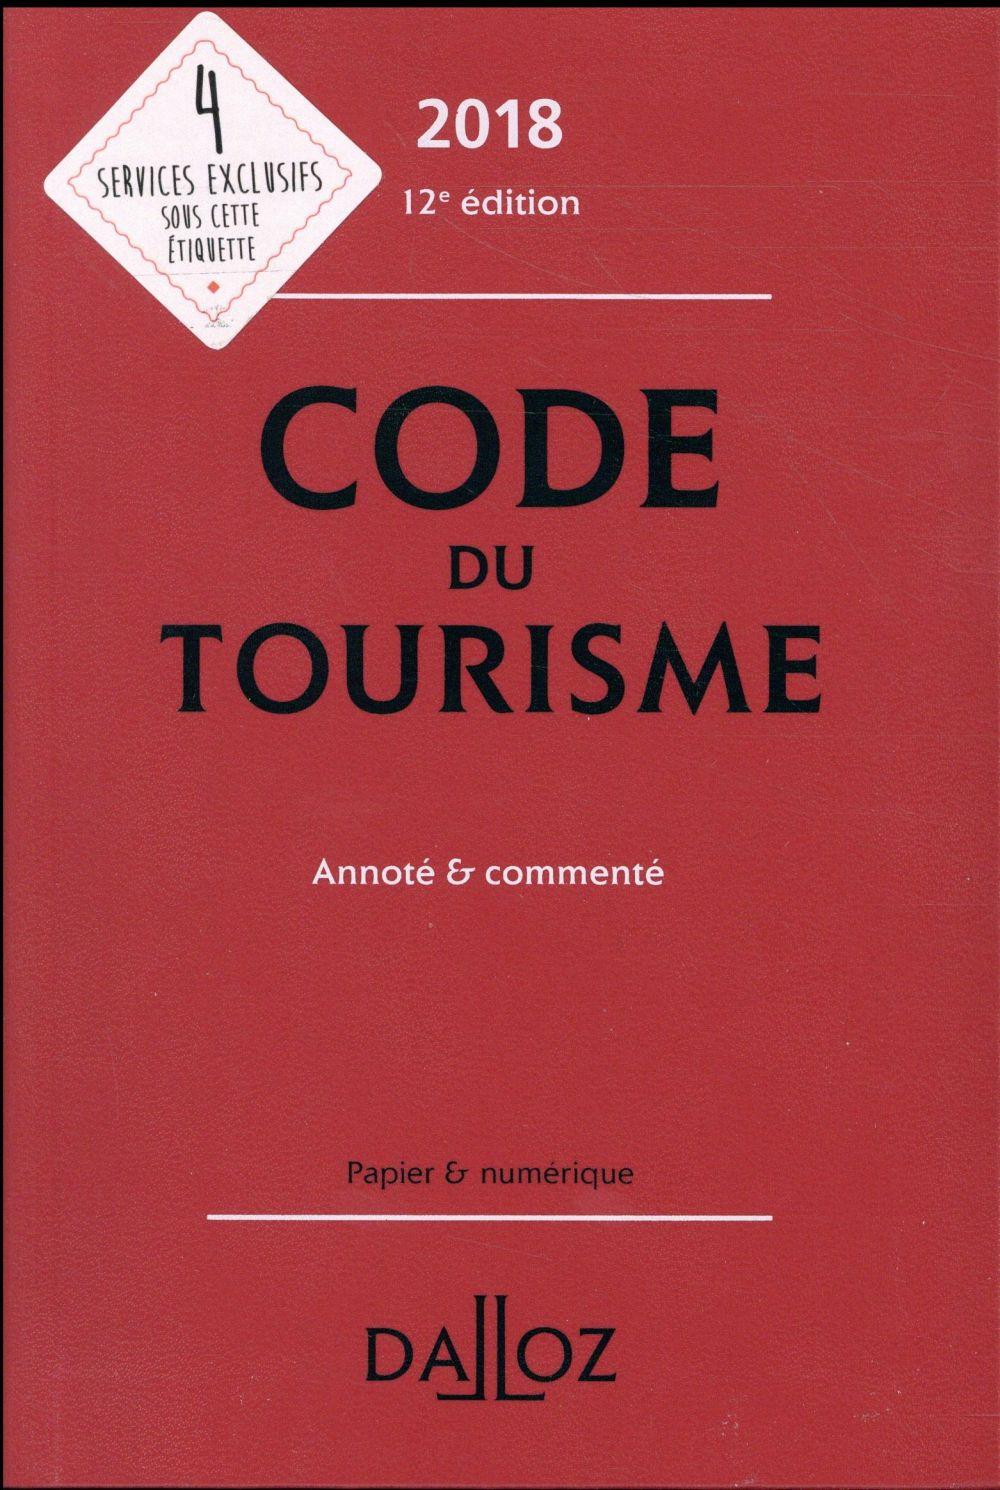 Code du tourisme ; annoté et commenté (édition 2018)